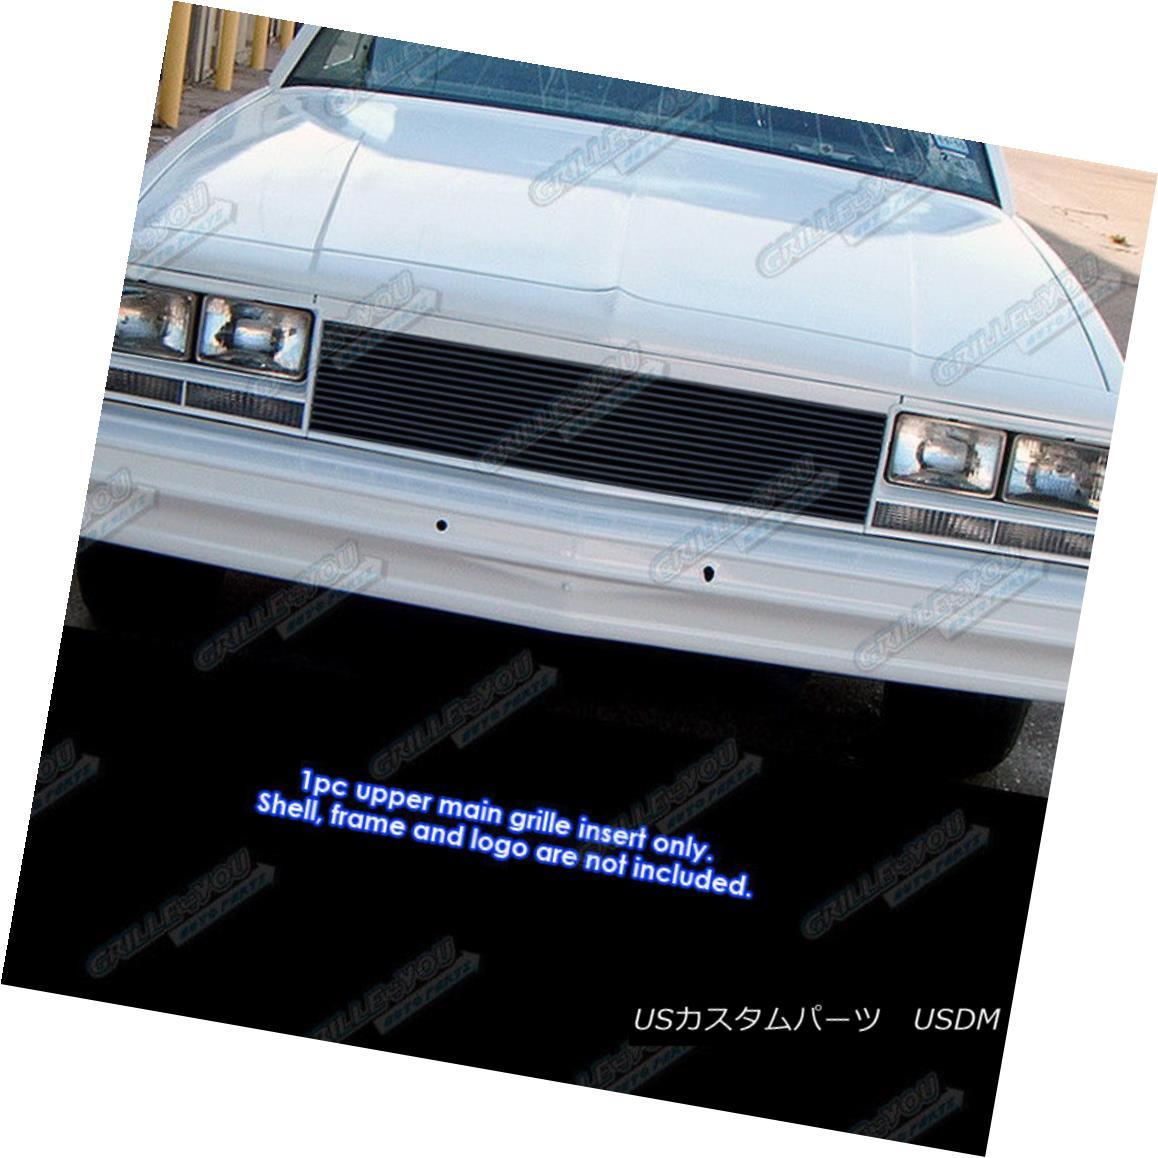 グリル Fits 1982-1987 Chevy EL Camino/ 82-83 Malibu Black Billet Grille Insert フィット1982-1987シェビーELカミノ/ 82-83マリブブラックビレットグリルインサート